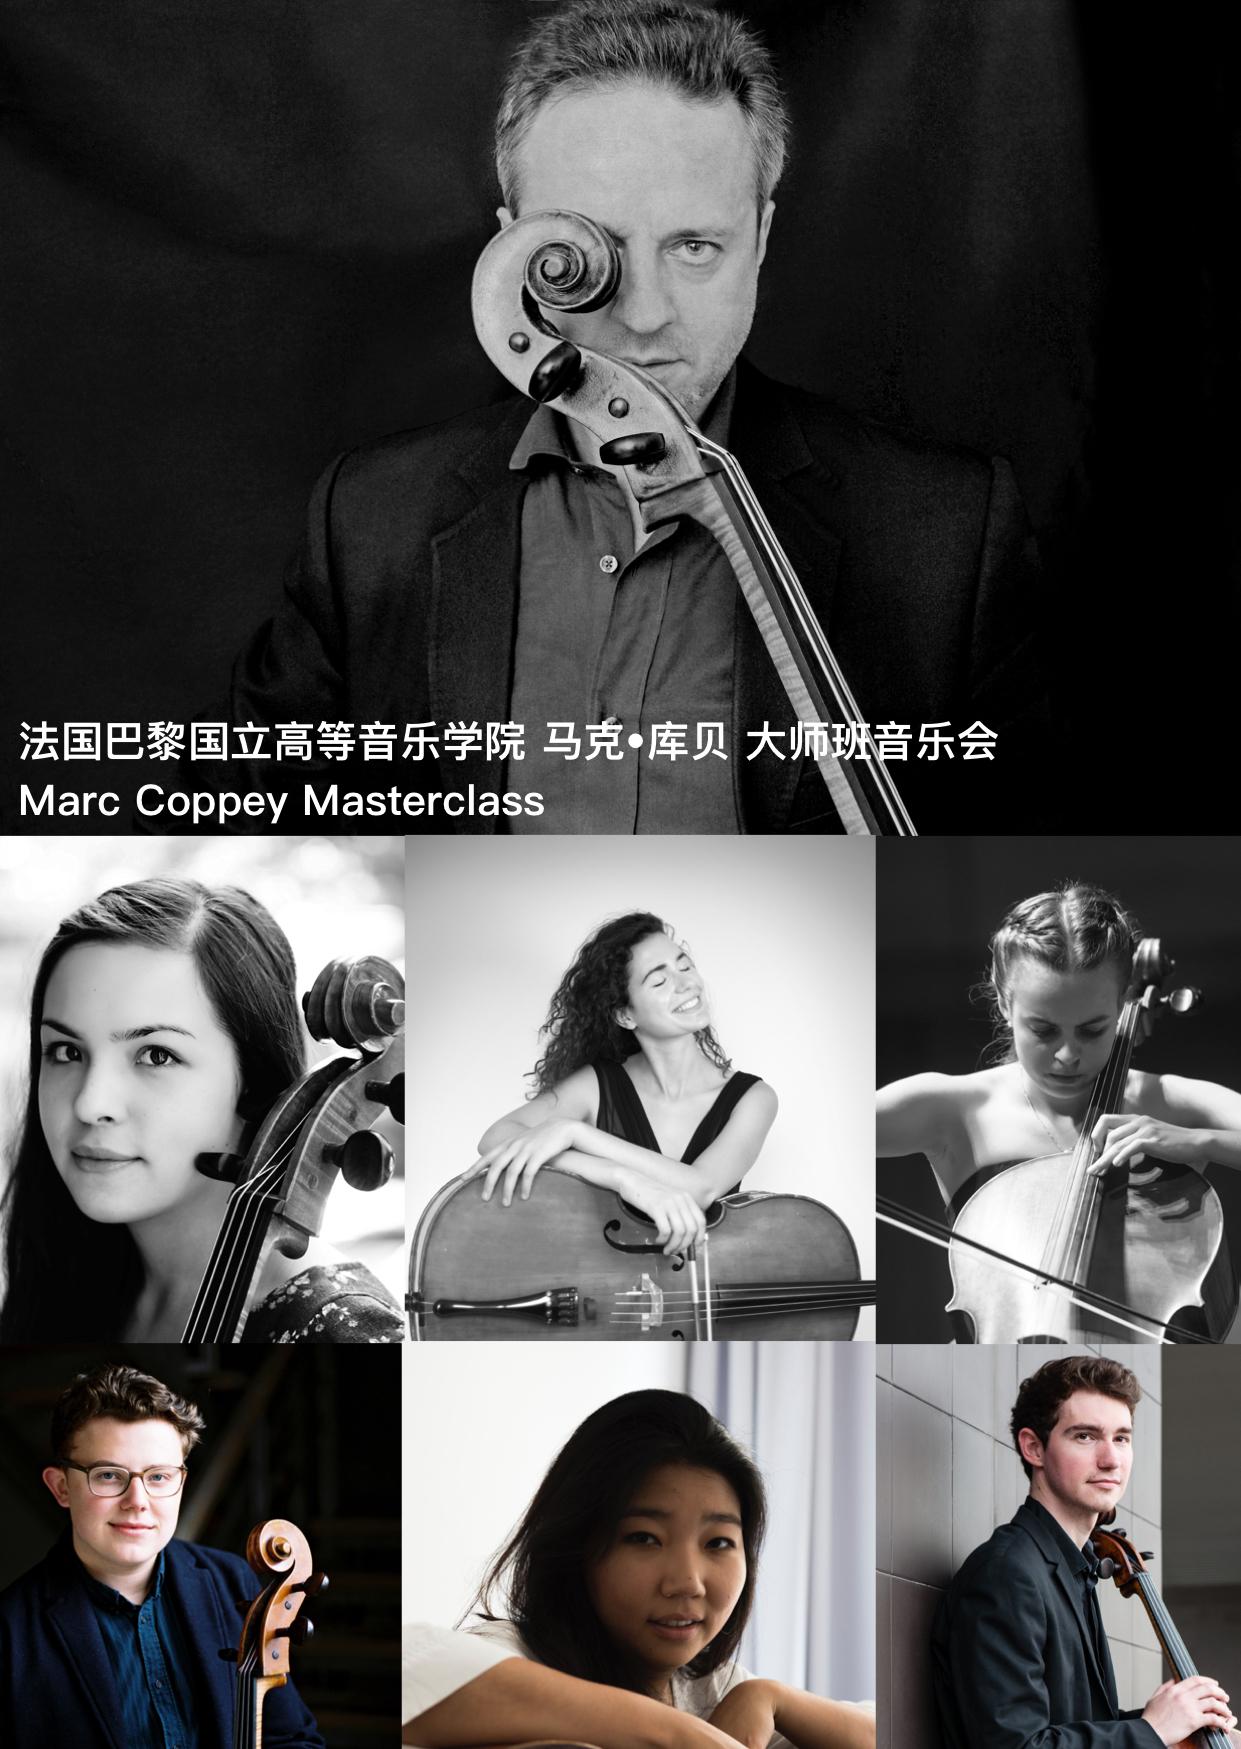 法国巴黎国立高等音乐学院马克·库贝教授